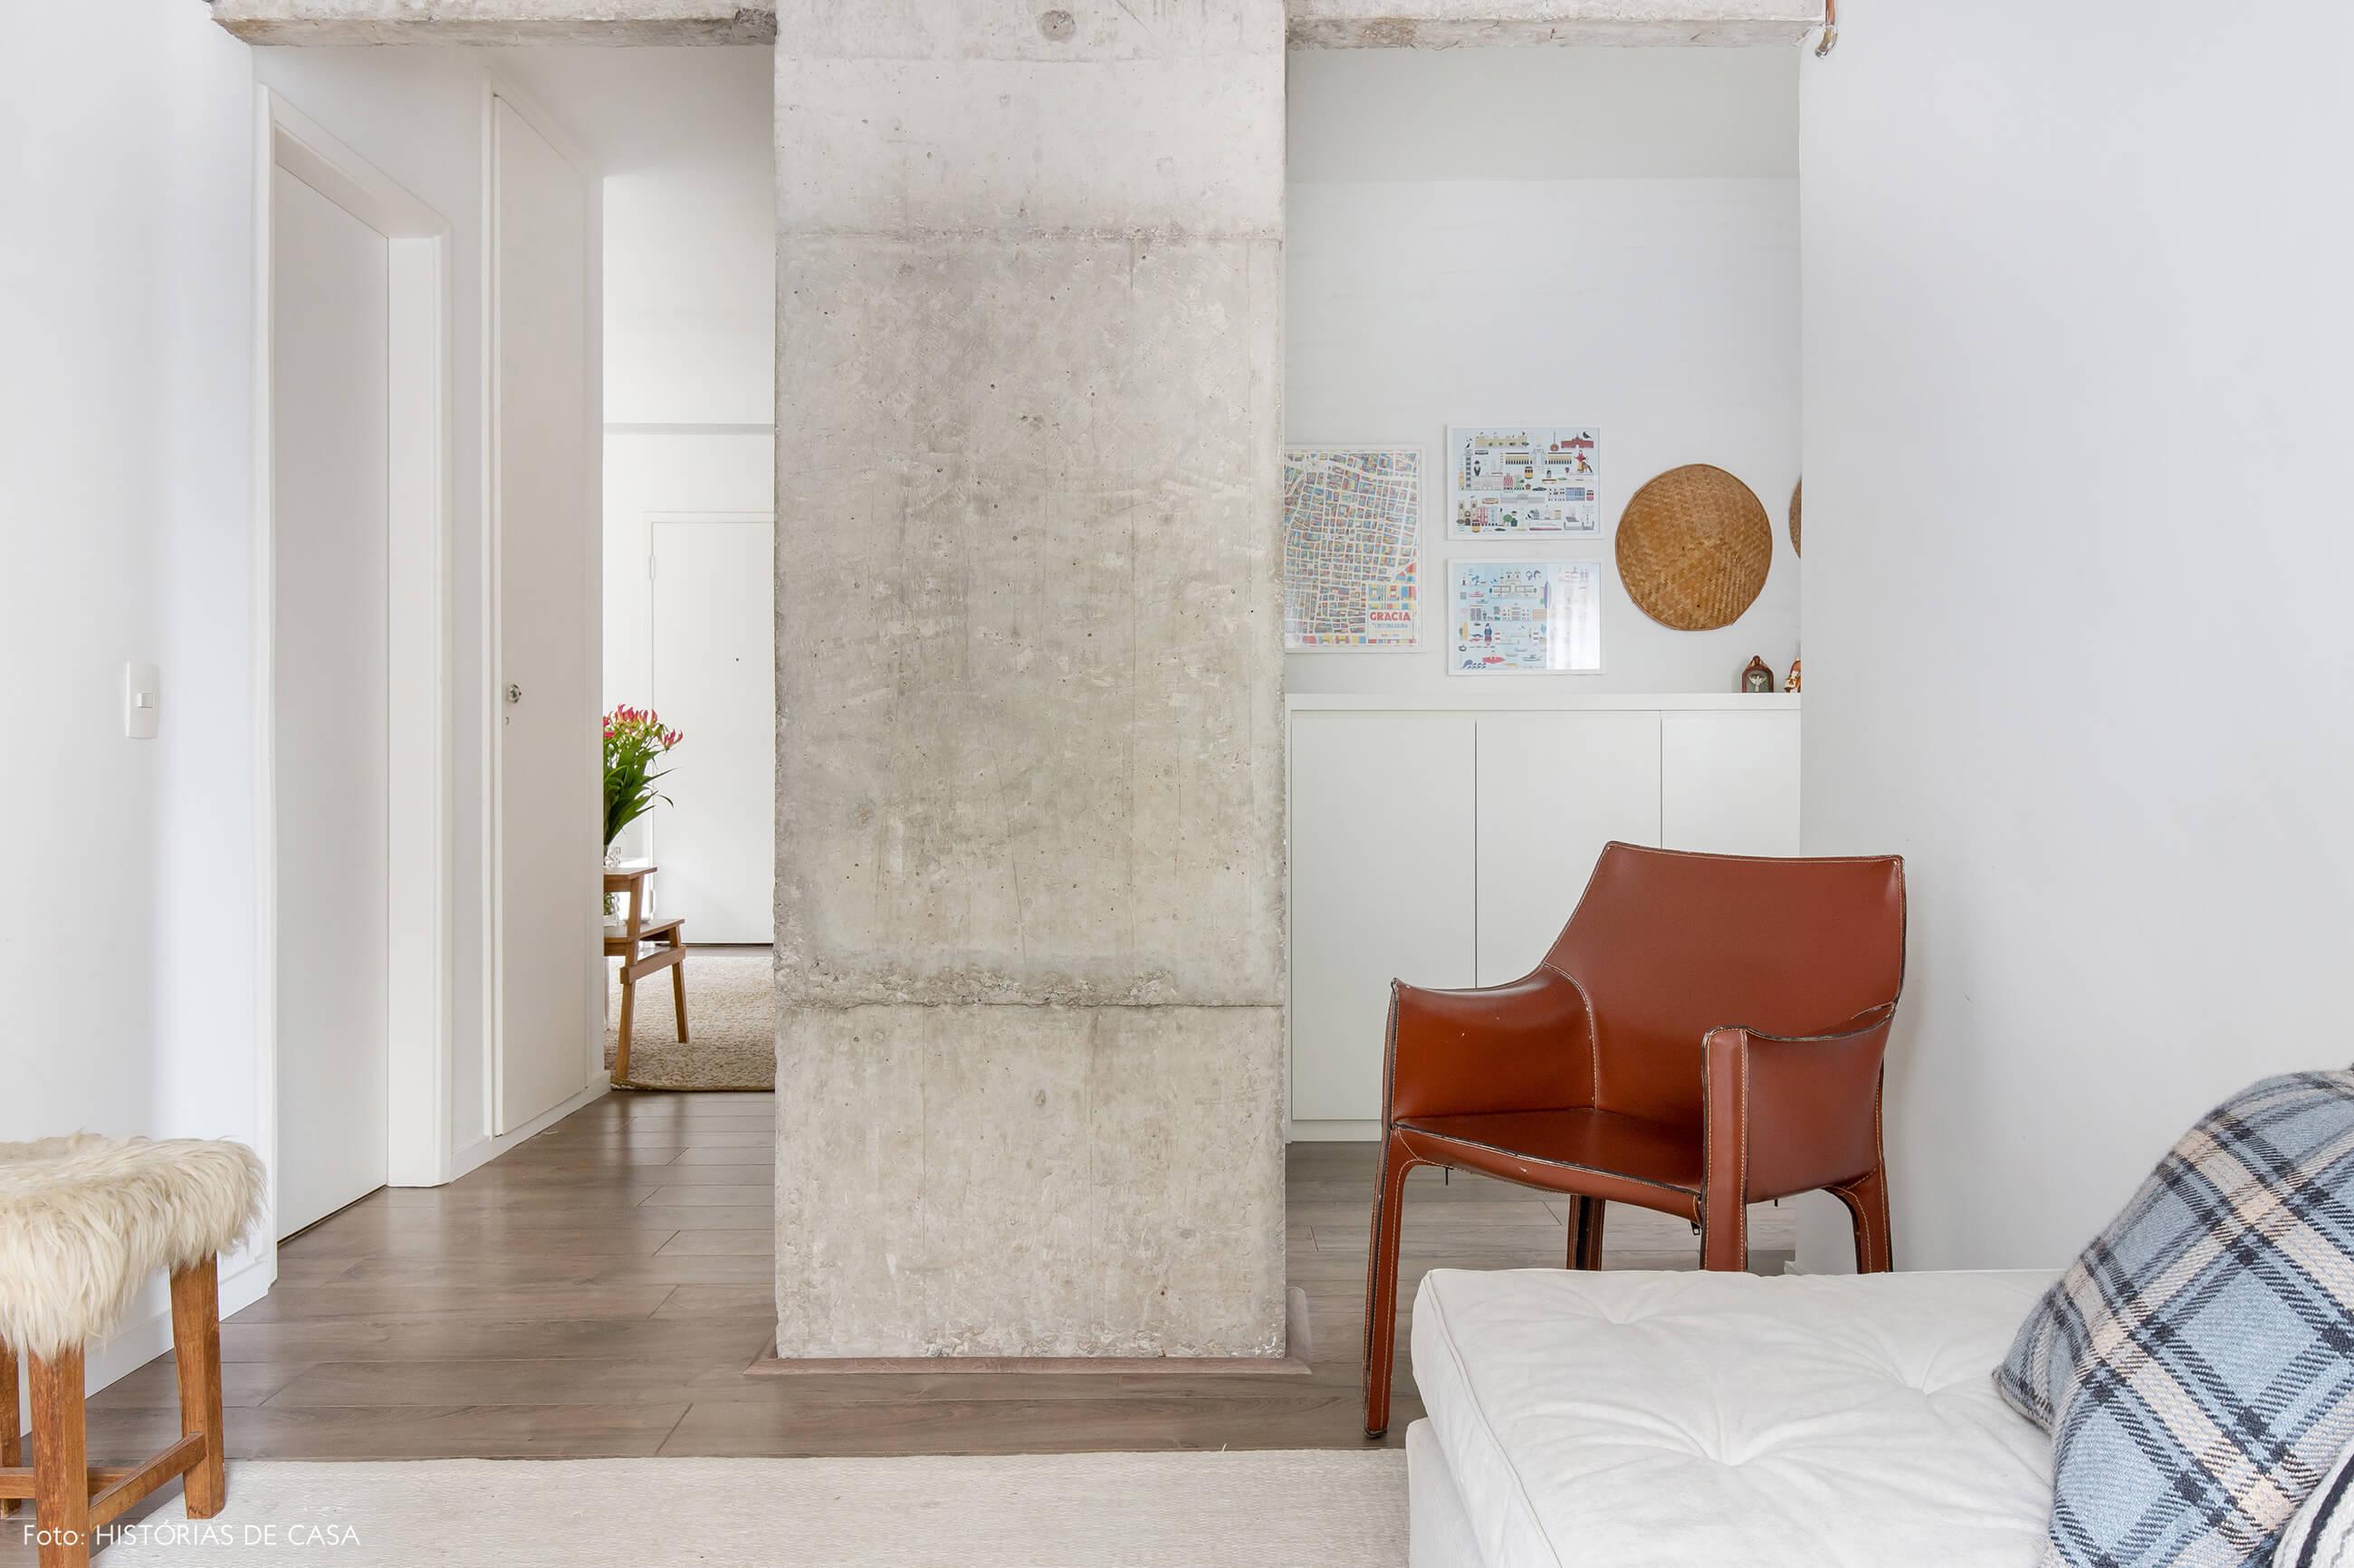 Sala aconchegante com pilar de concreto e poltrona de couro